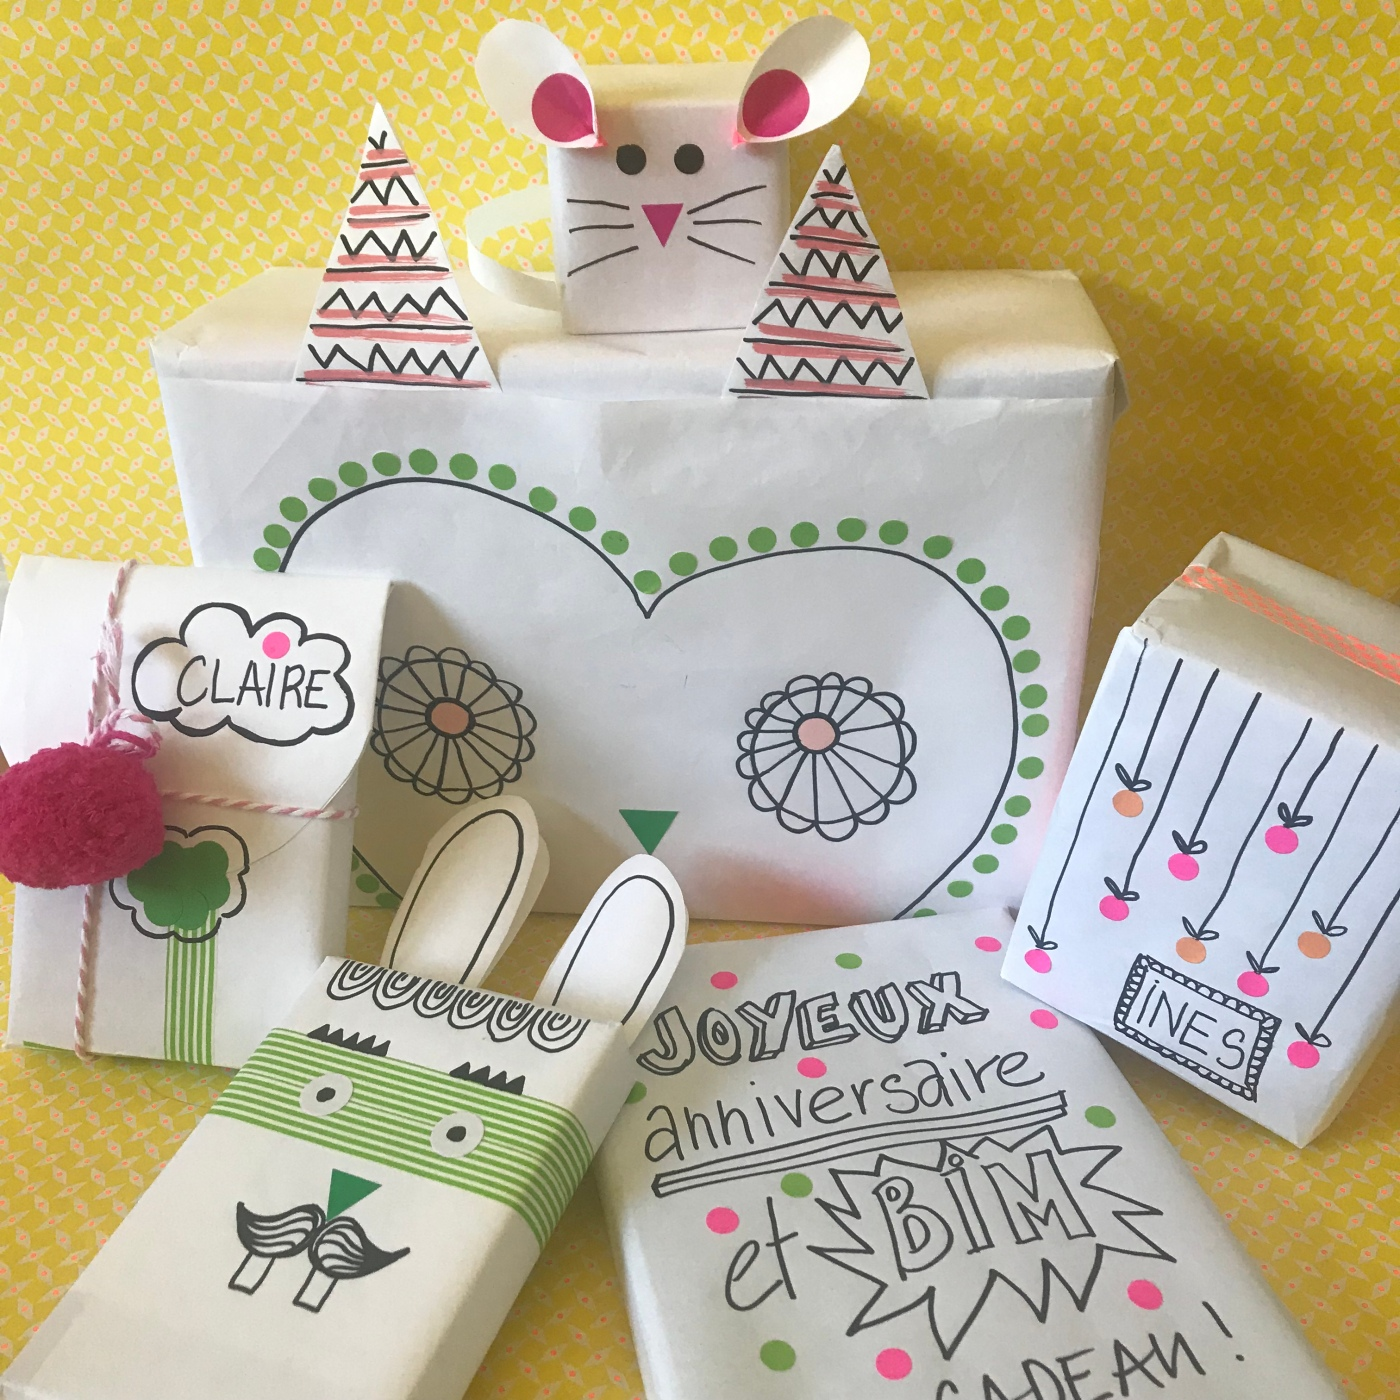 Emballé c'est pesé - DIY - bricolage enfant - craft for kids - emballage cadeaux rigolo - papier - anniversaire - image à la une